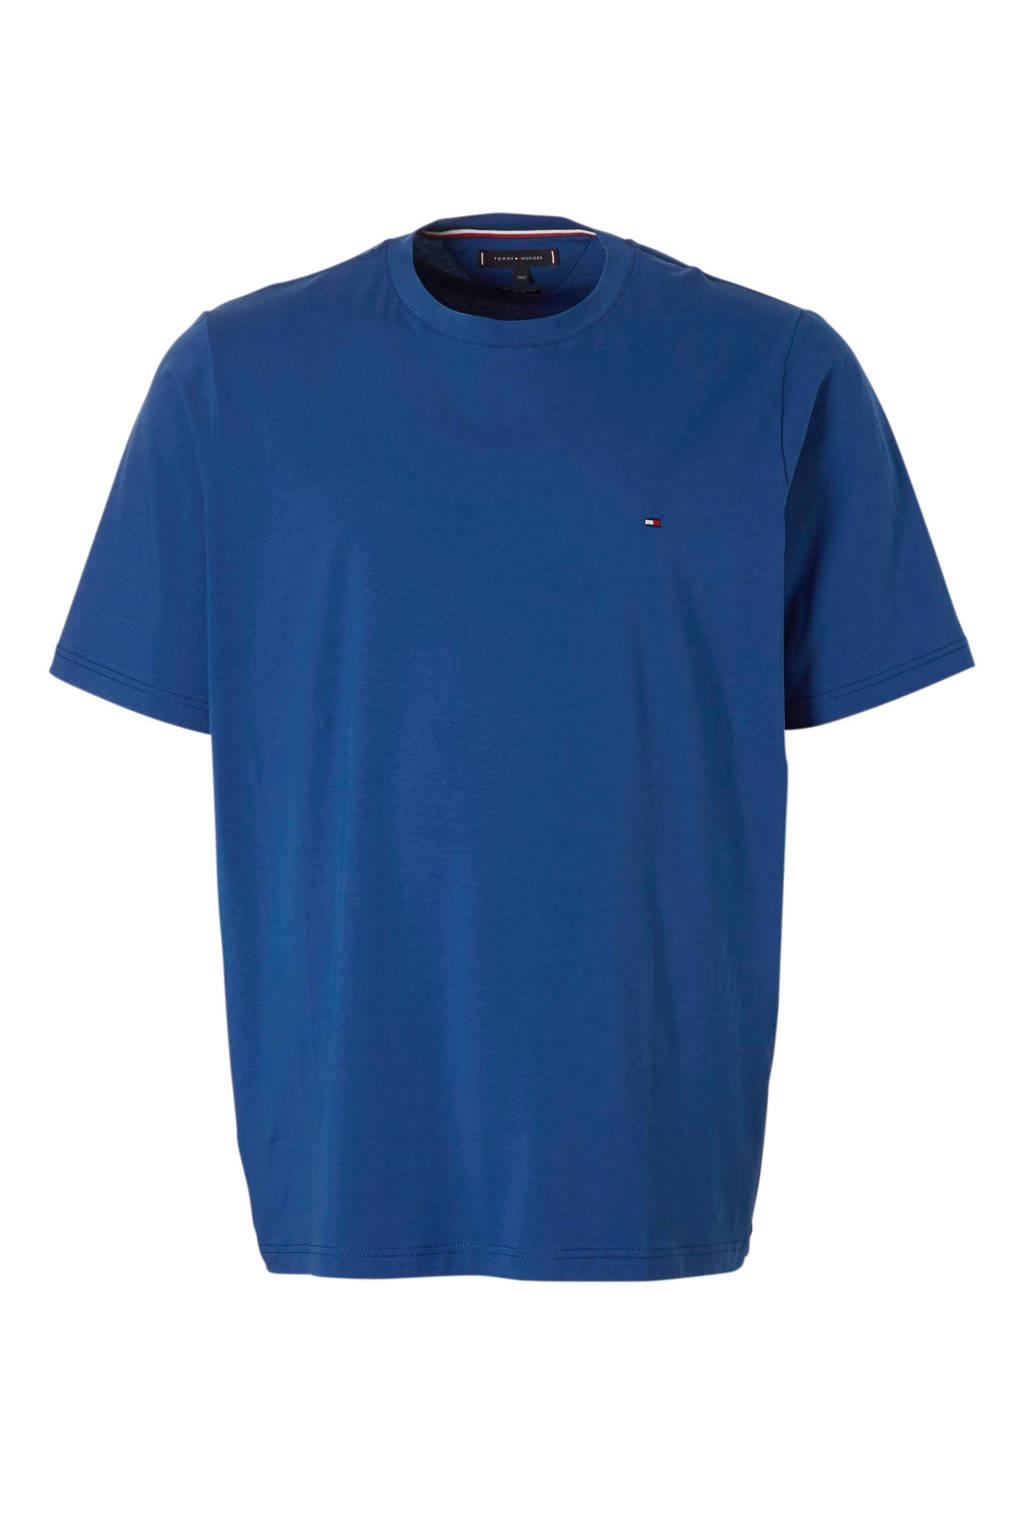 Tommy Hilfiger Big & Tall +size T-shirt met logo, Blauw